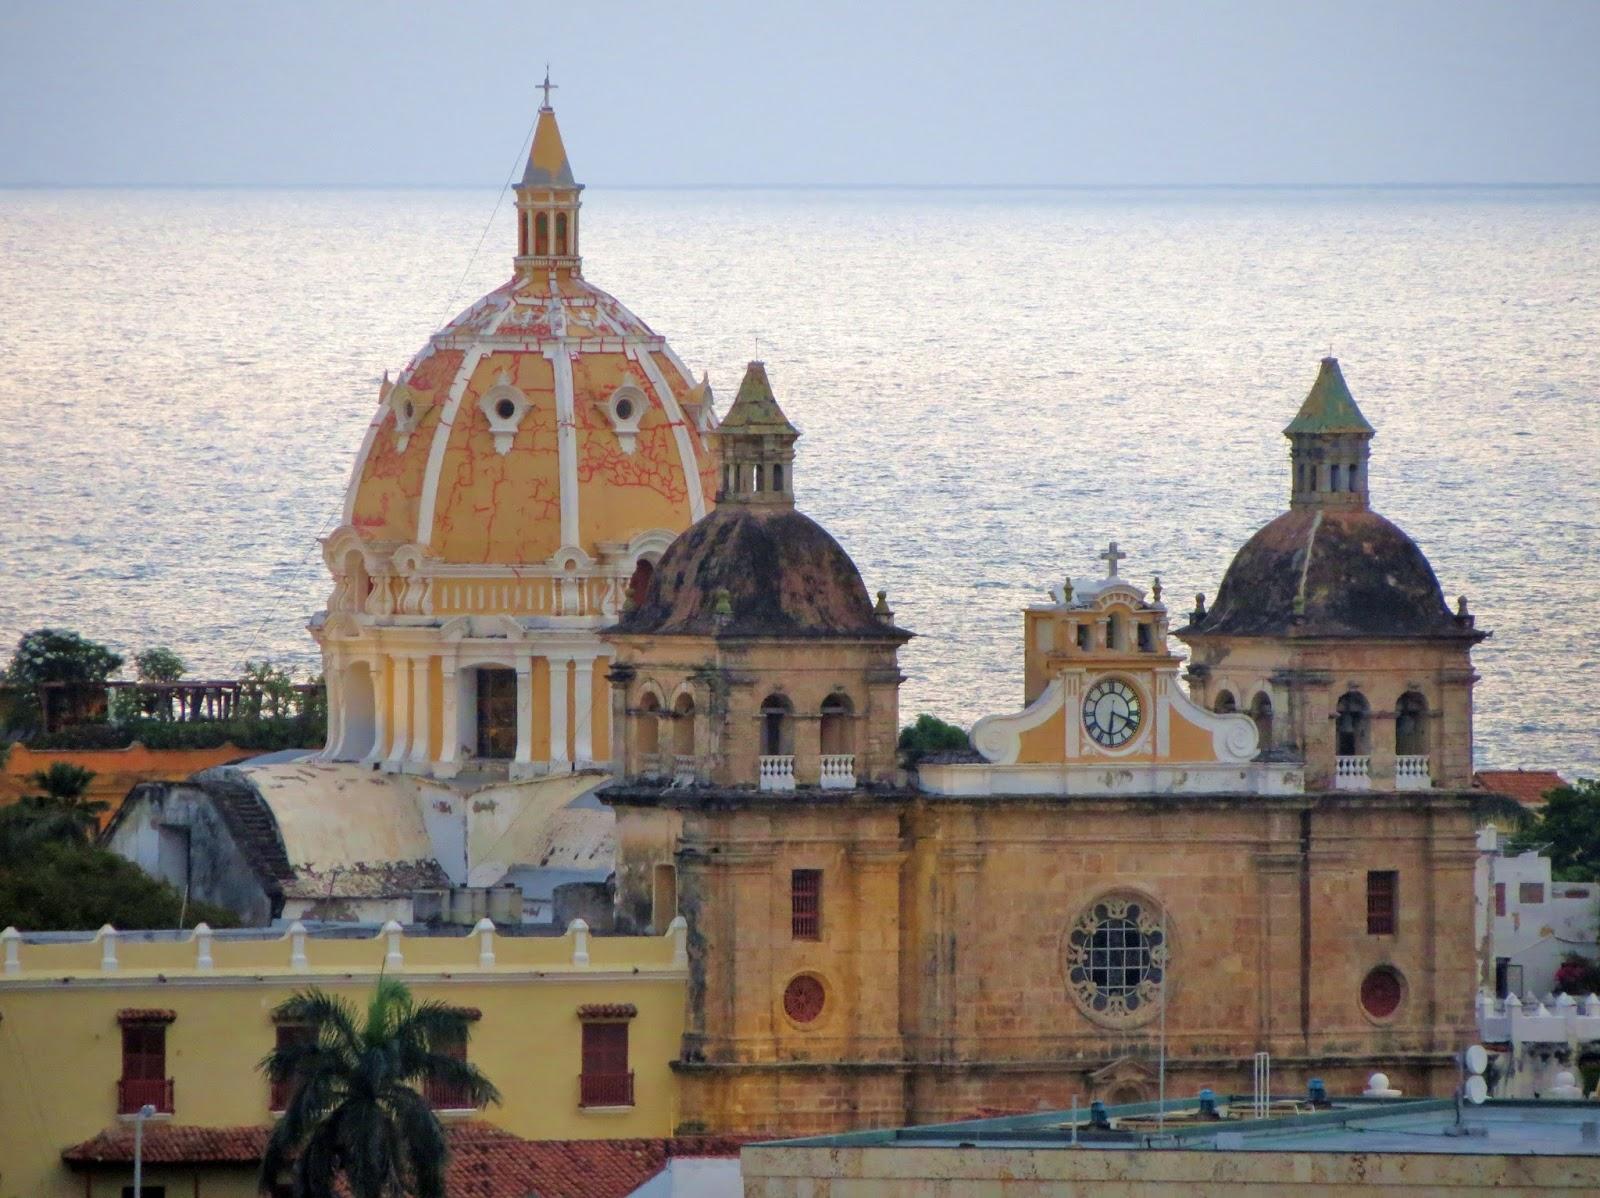 San Pedro Claver Cartagena de Indias